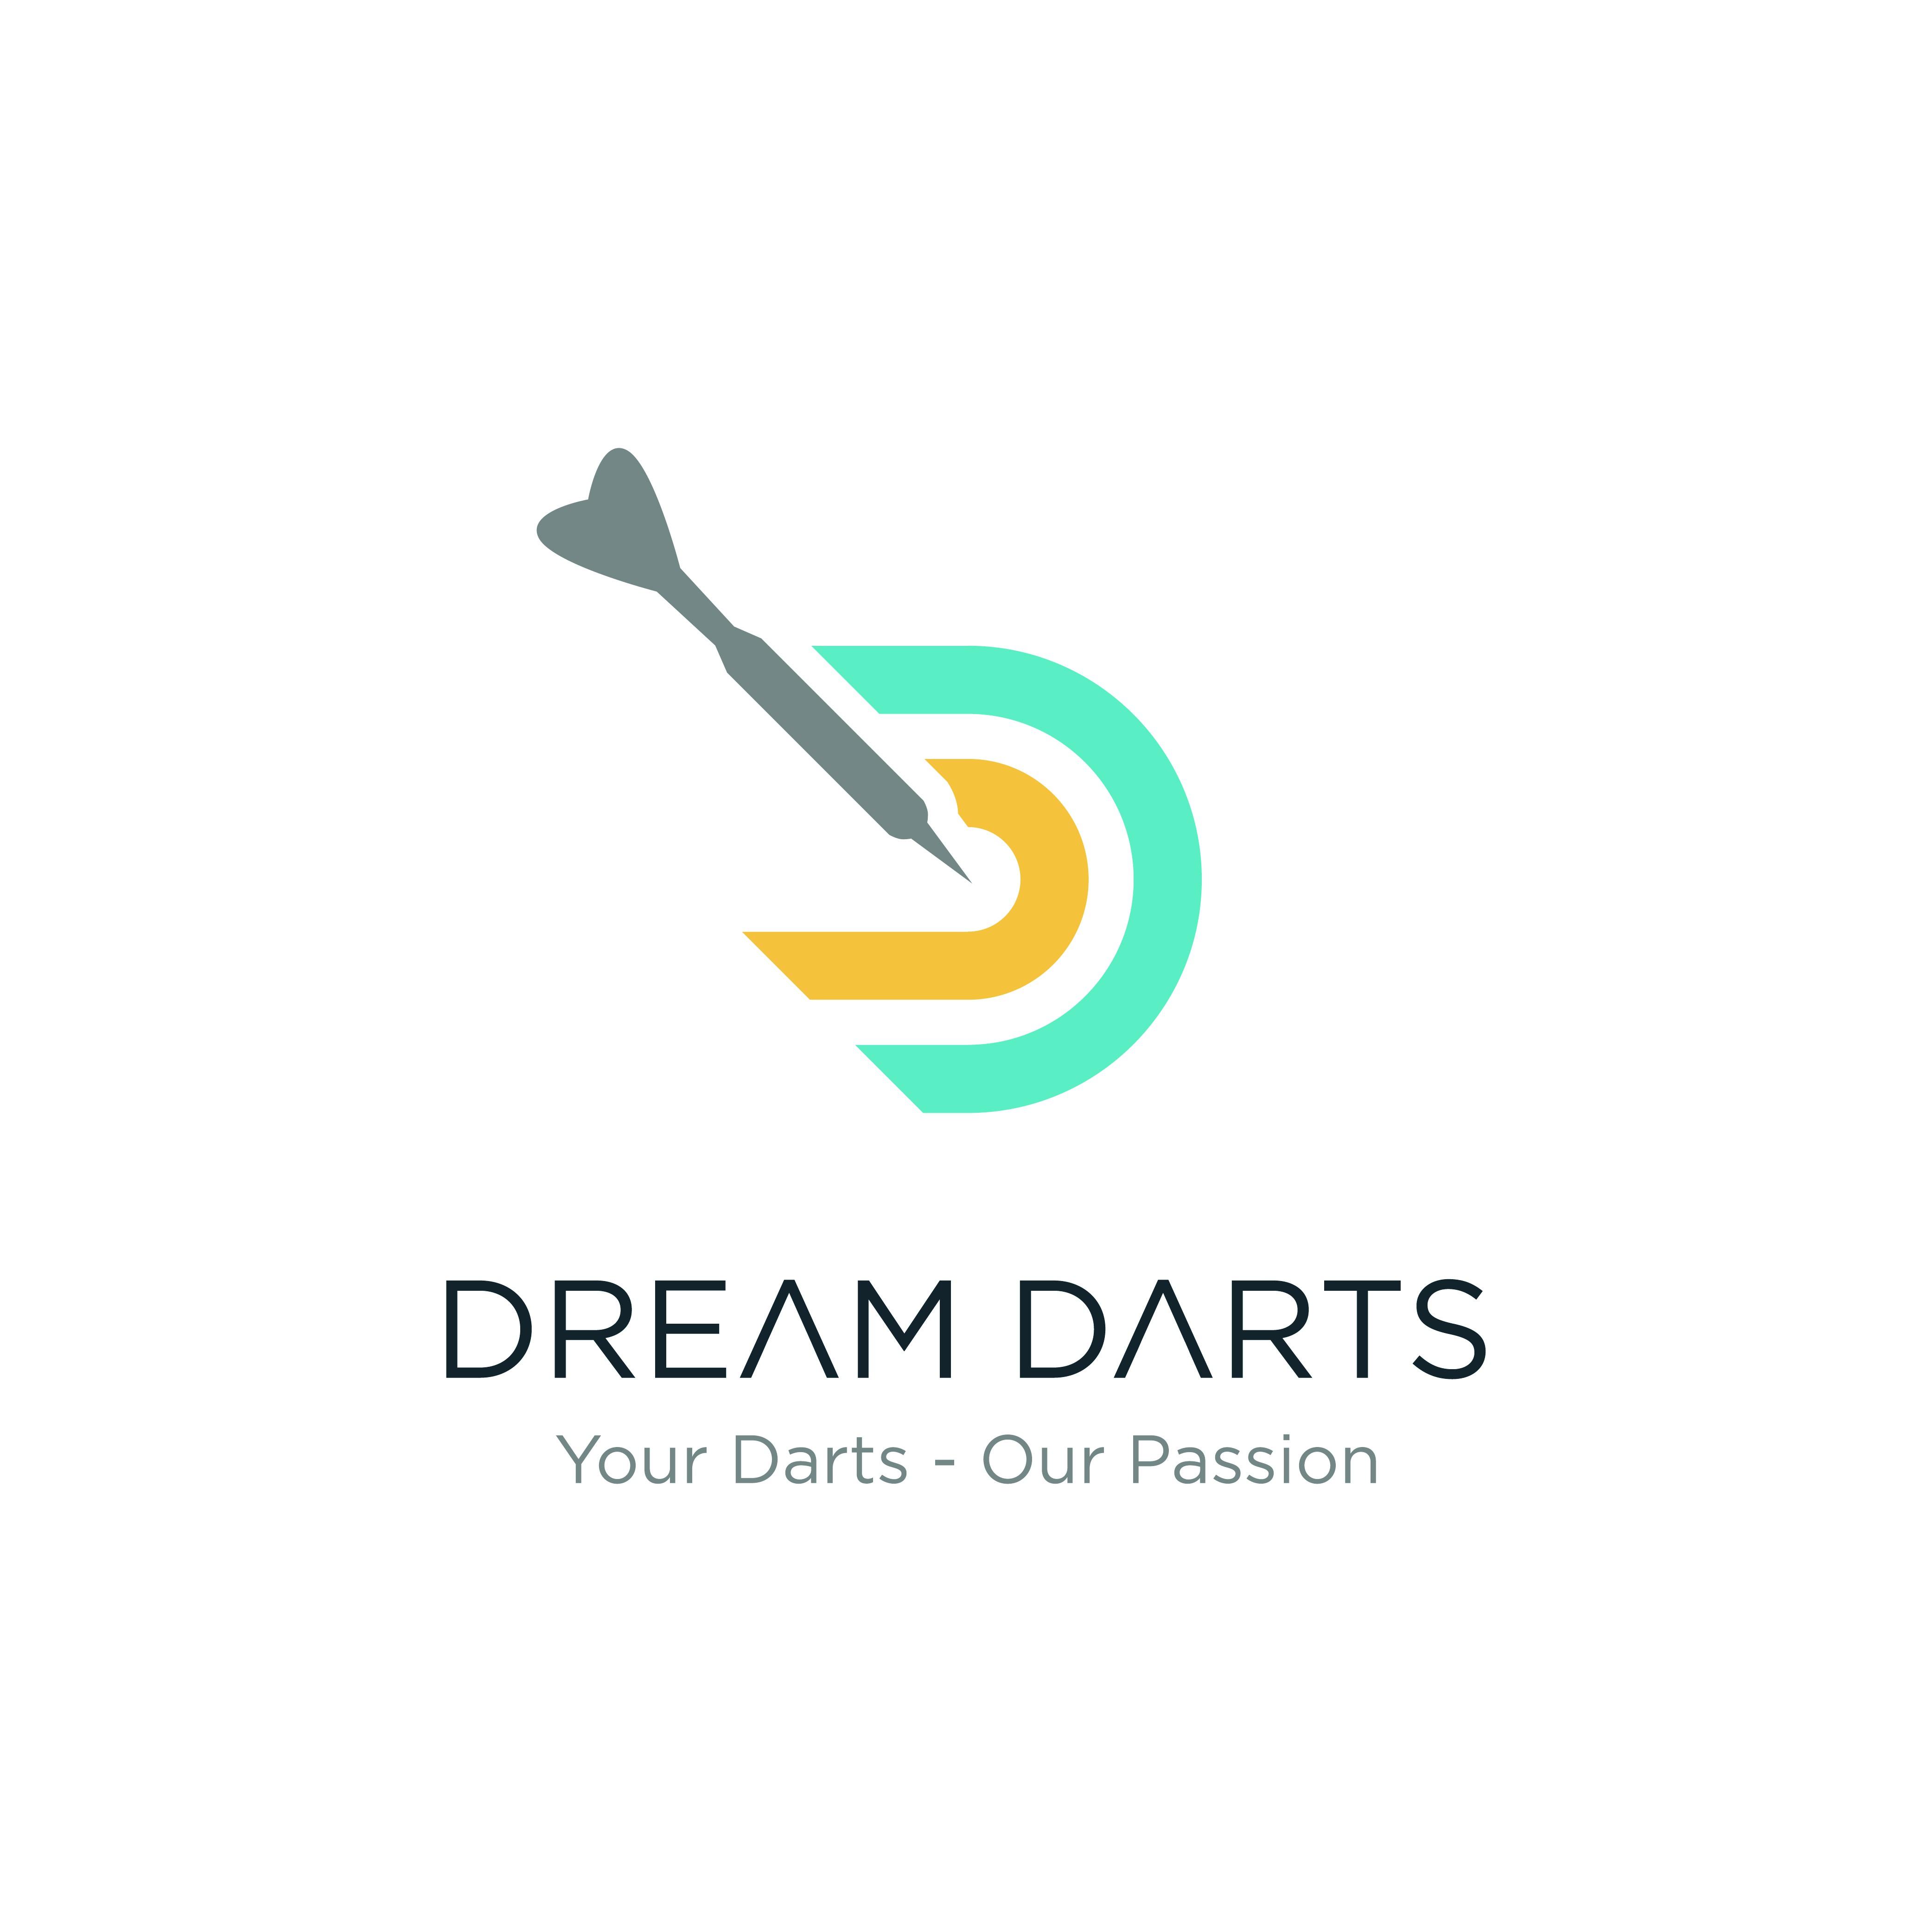 Wir brauchen ein aussagekräftiges Logo für unseren Dartshop